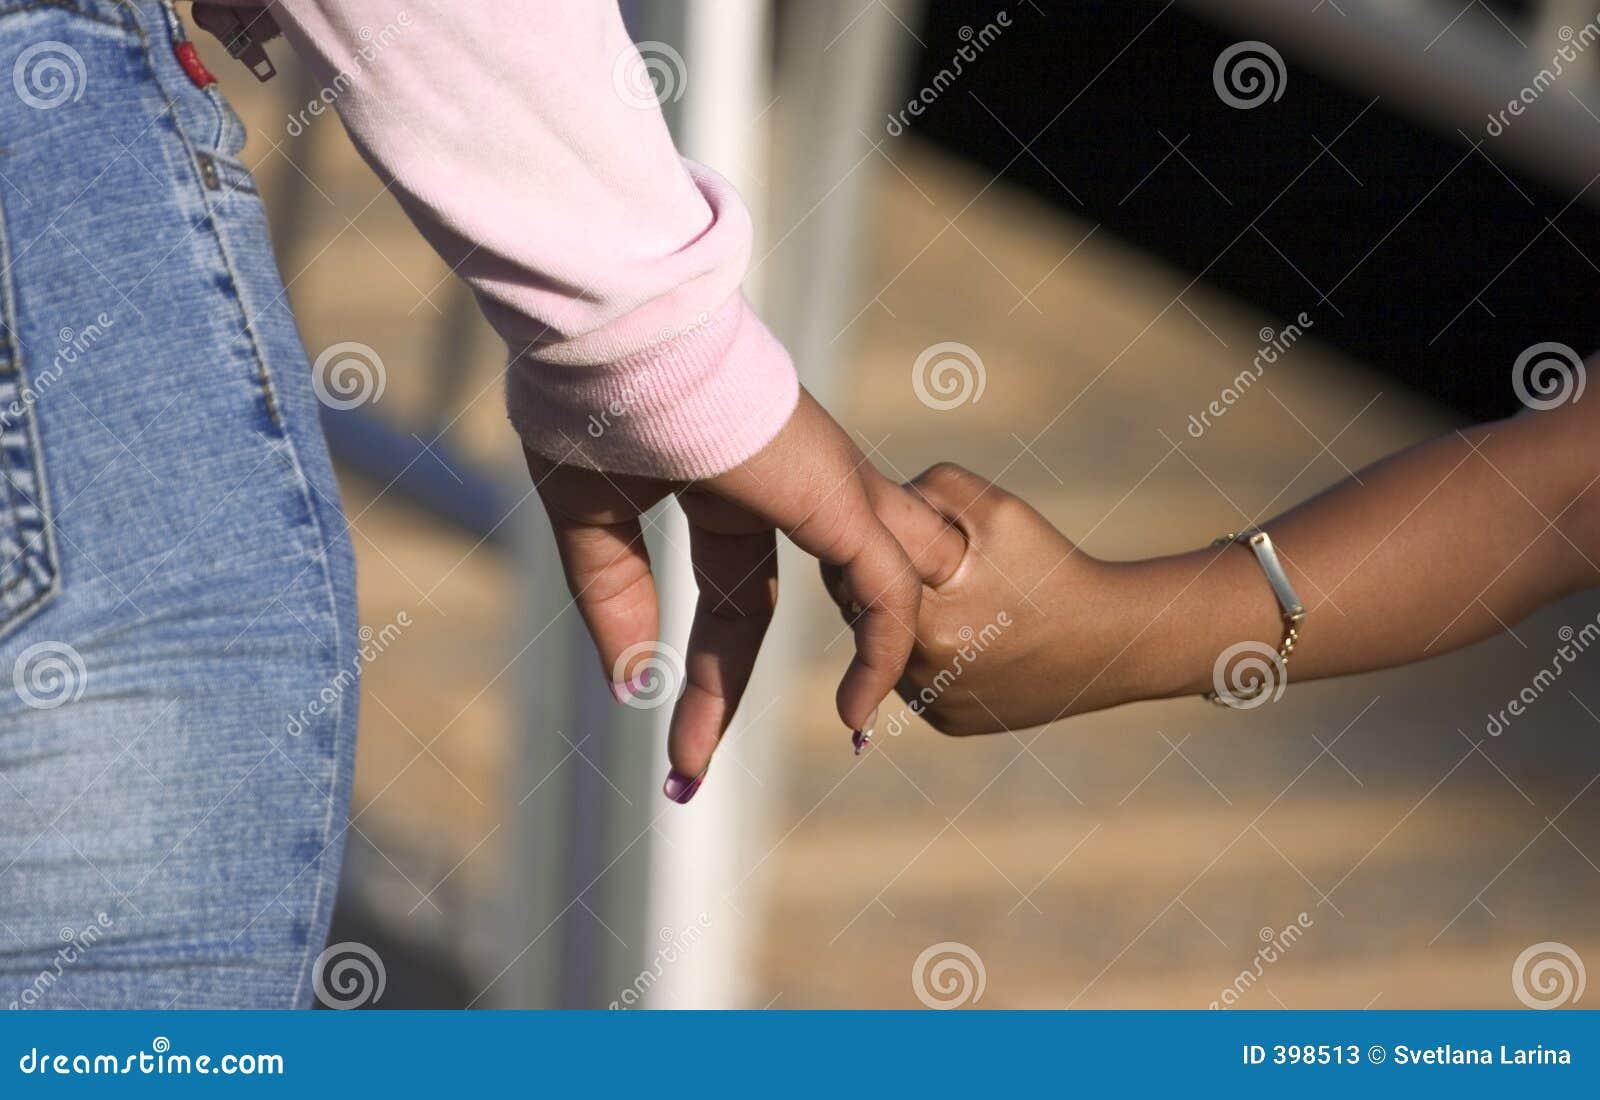 Mains de fixation (doigt réellement)